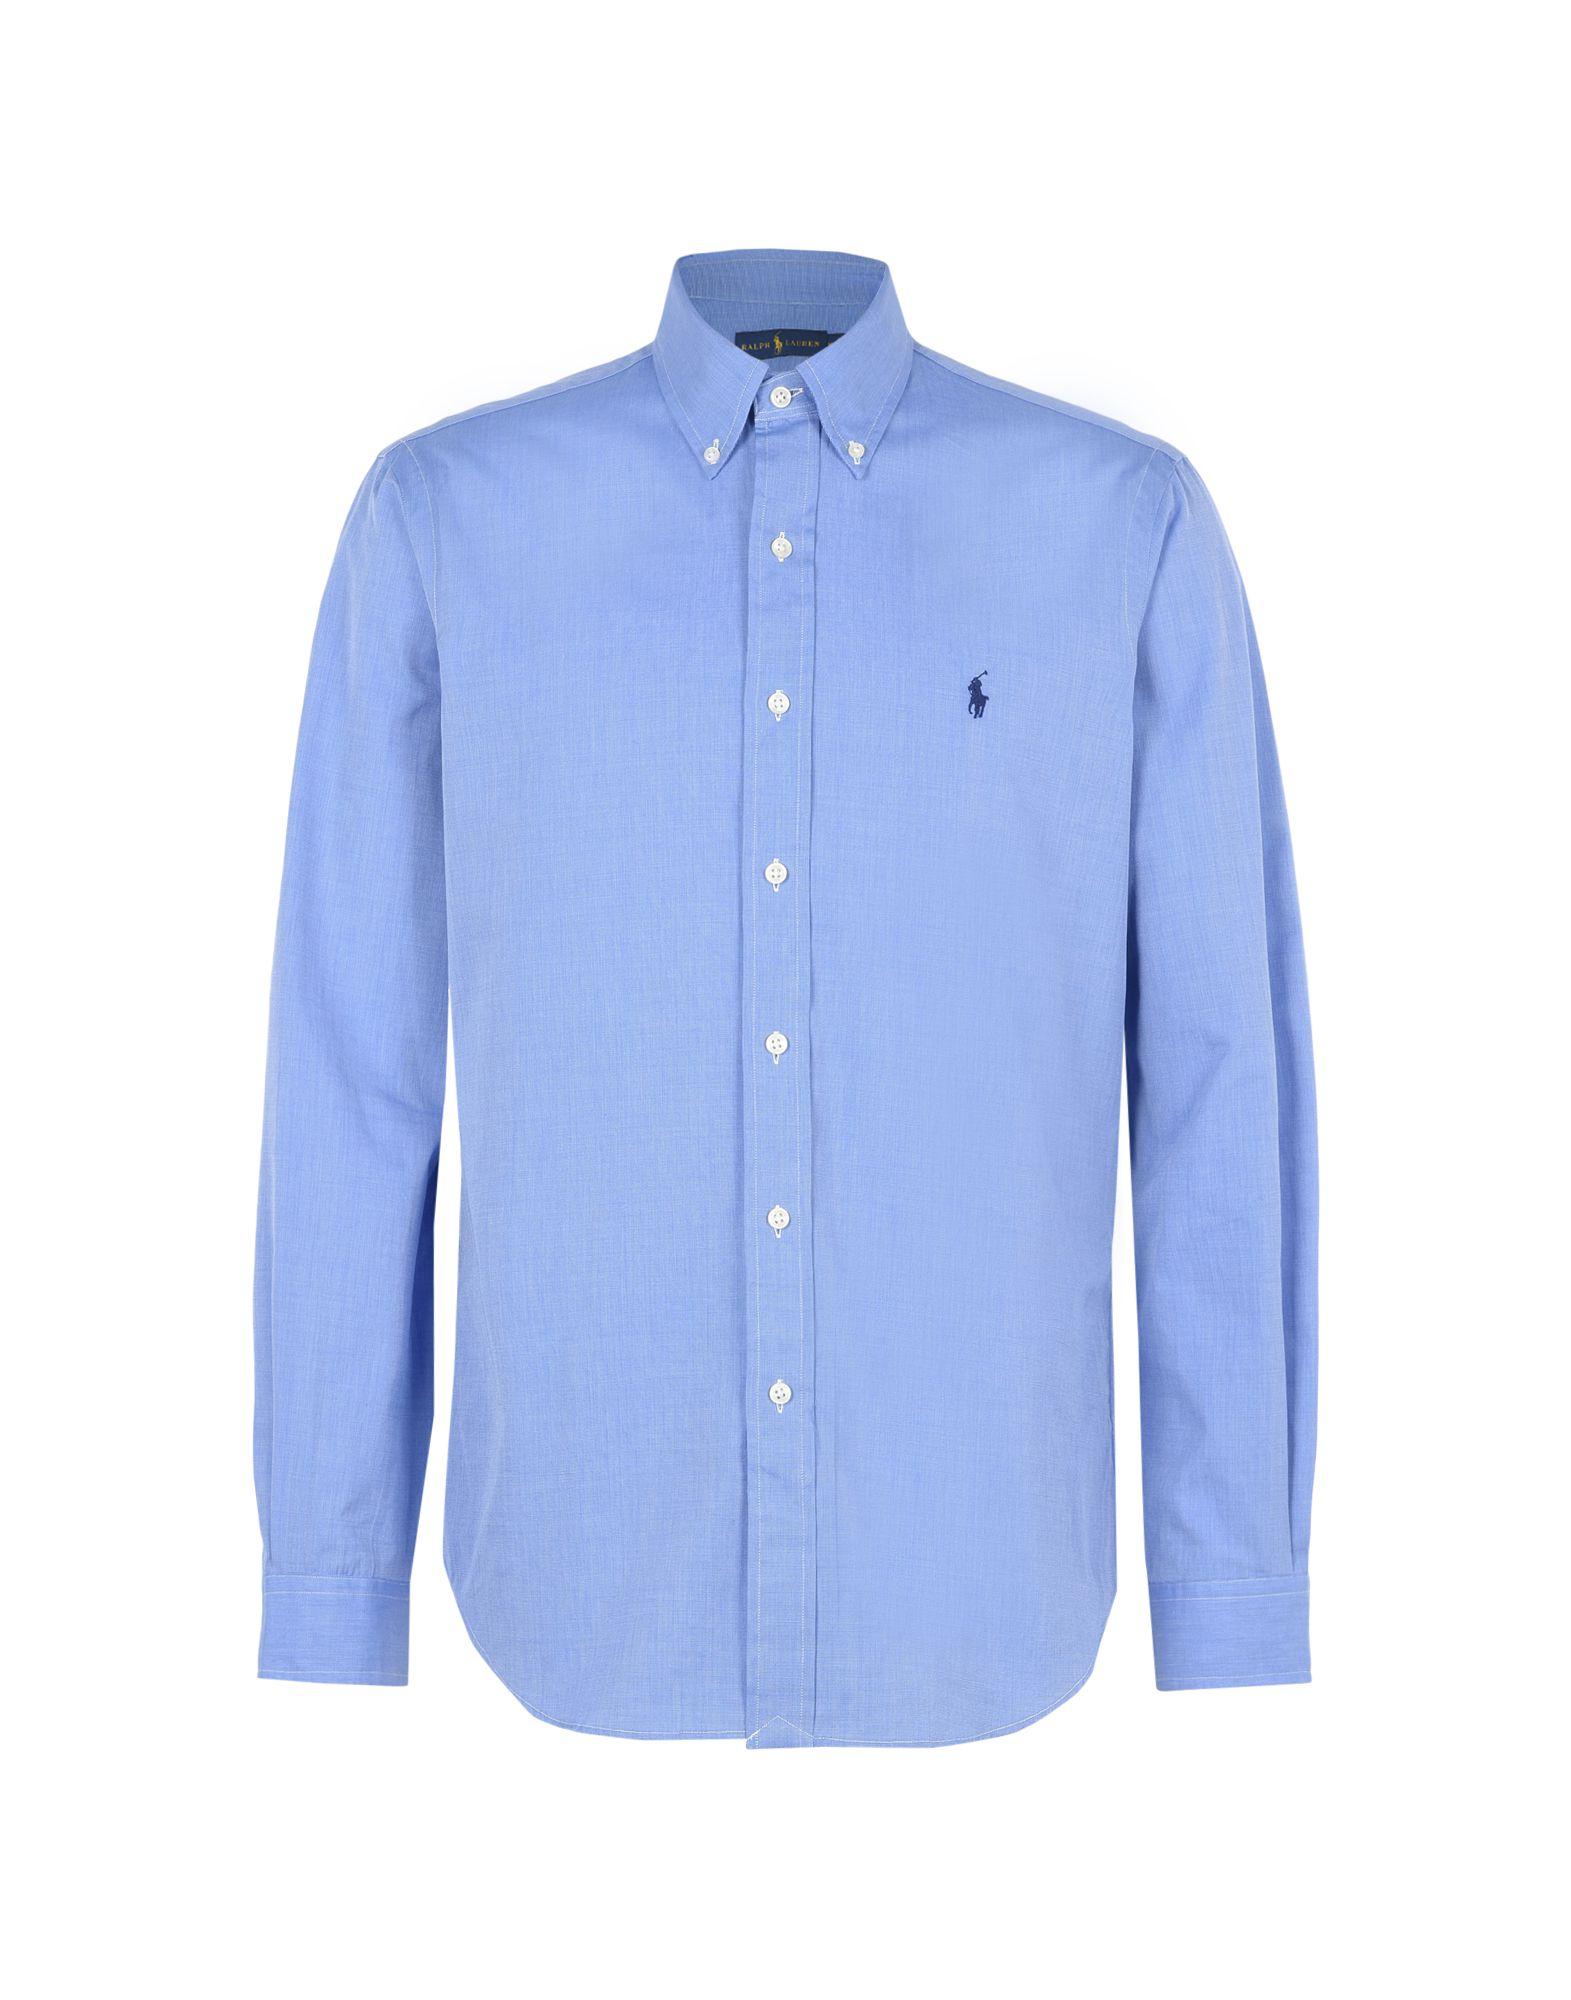 《送料無料》POLO RALPH LAUREN メンズ シャツ パステルブルー S コットン 100% Core Fit Poplin Shirt